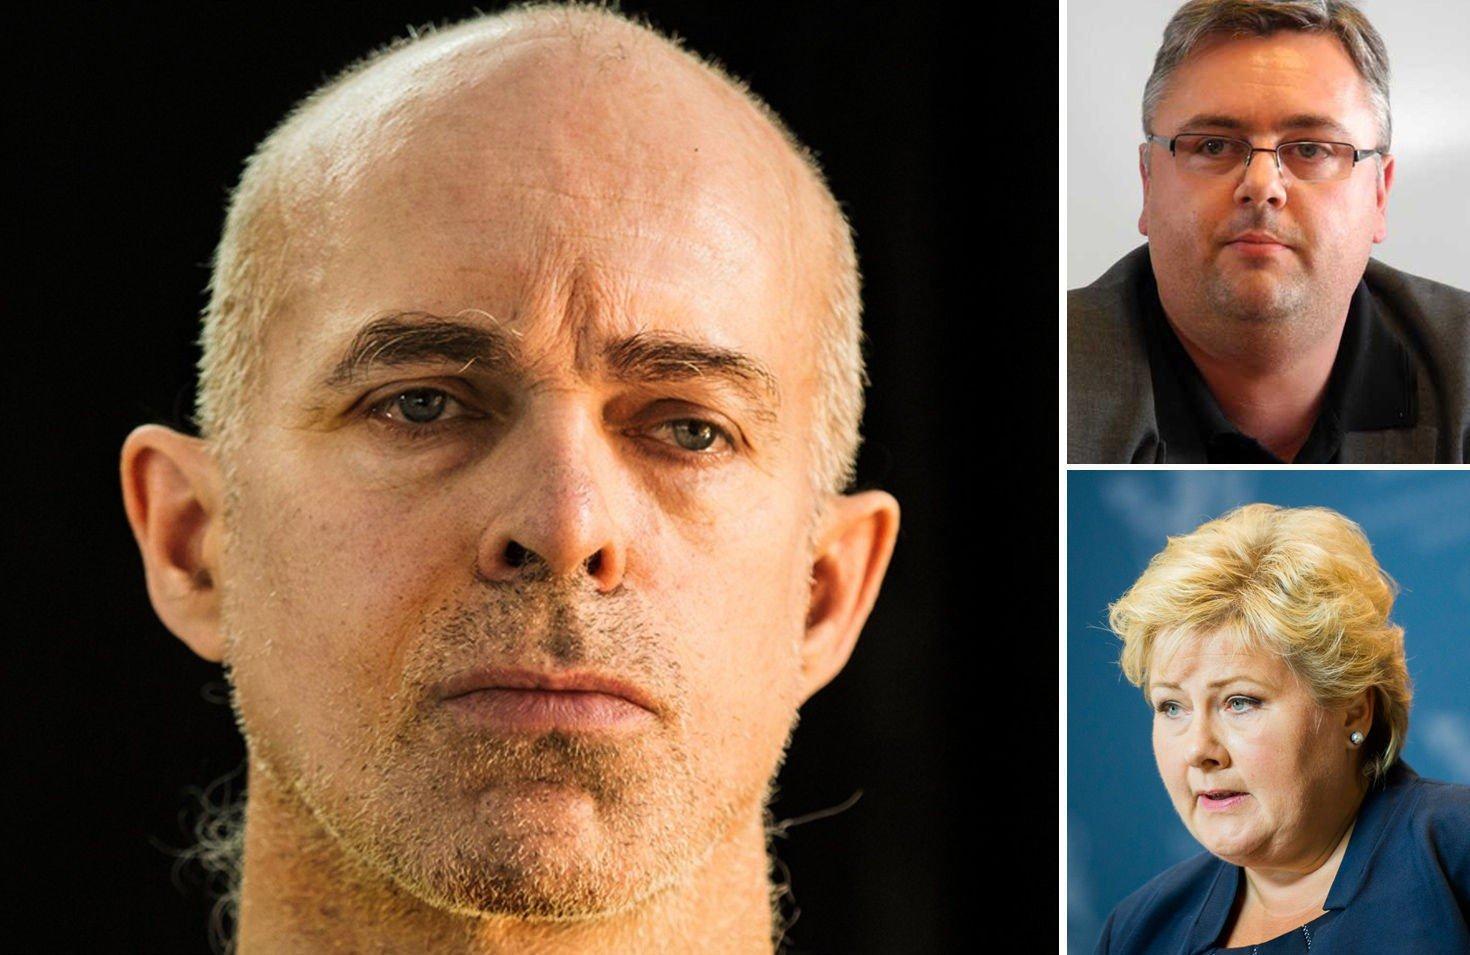 KRITISERER SOLBERG: Terrorekspert Kjetil Stormark (øverst til høyre) kritiserer statsminister Erna Solbergs uttalelser etter at det ble kjent at nordmannen Ole Johan Grimsgaard-Ofstad (til venstre) er tatt som gissel av IS.